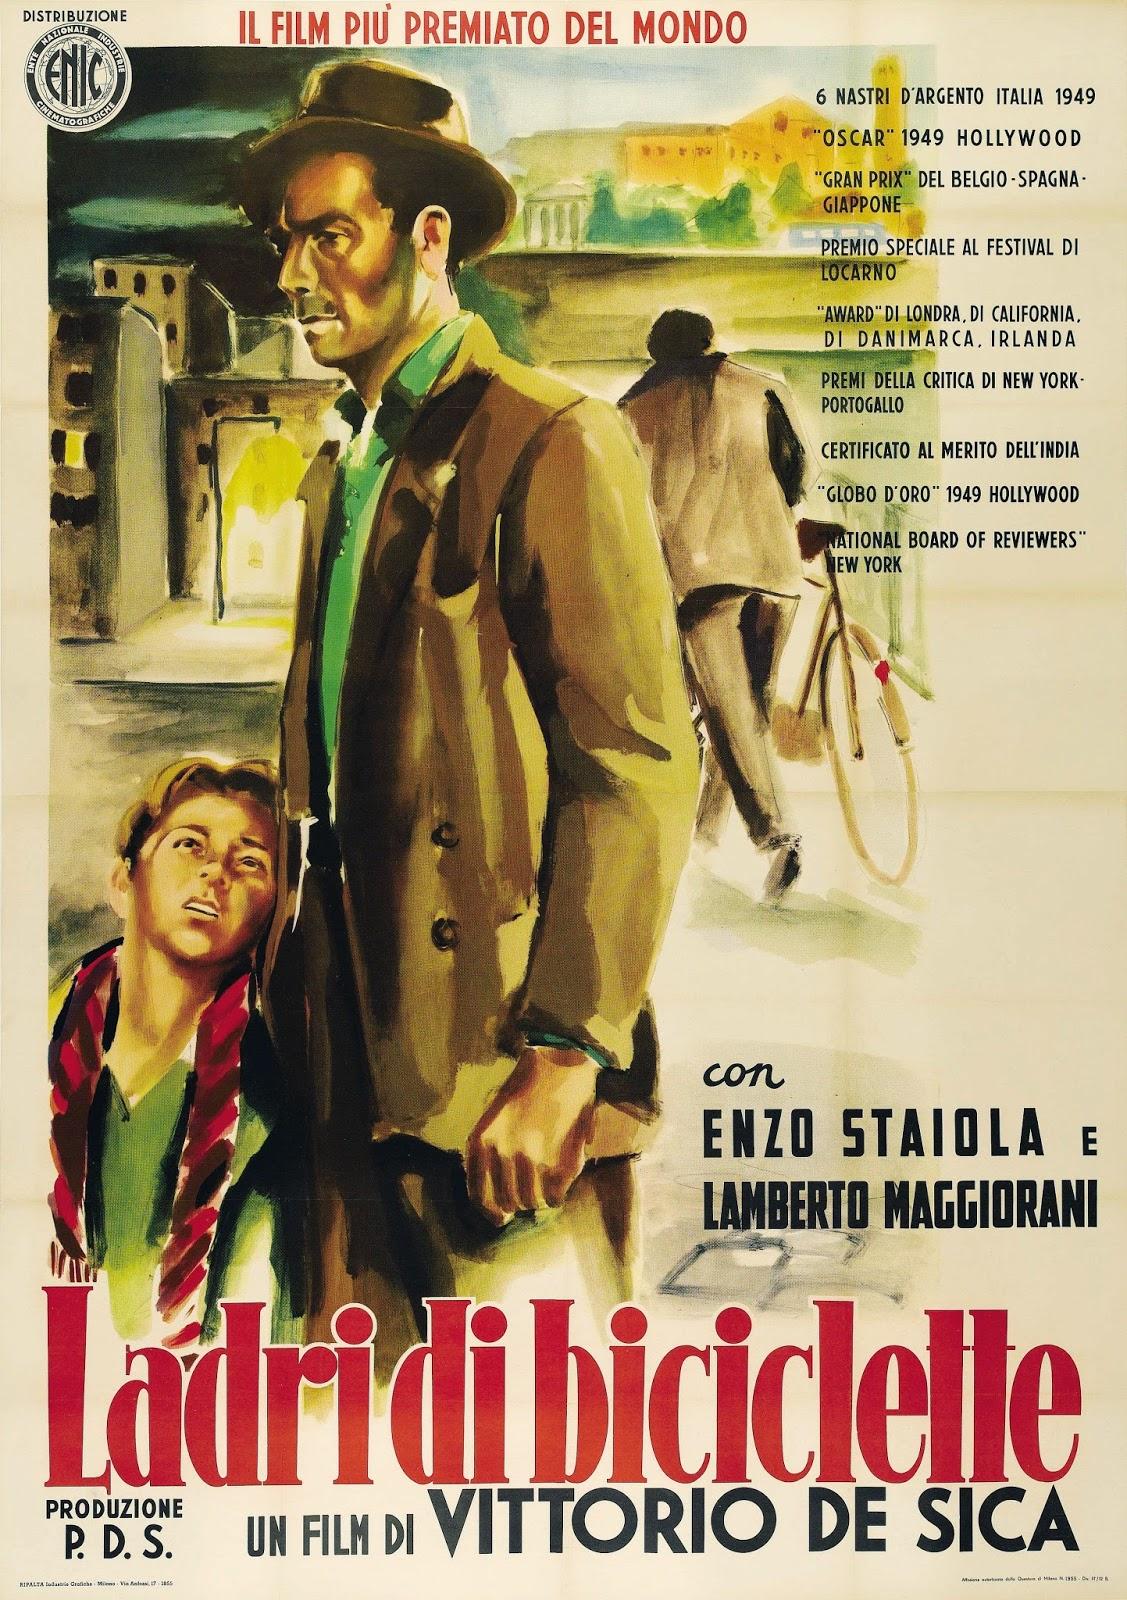 Ver Película : Ladrón de bicicletas, 1948 - Vittorio de Sica